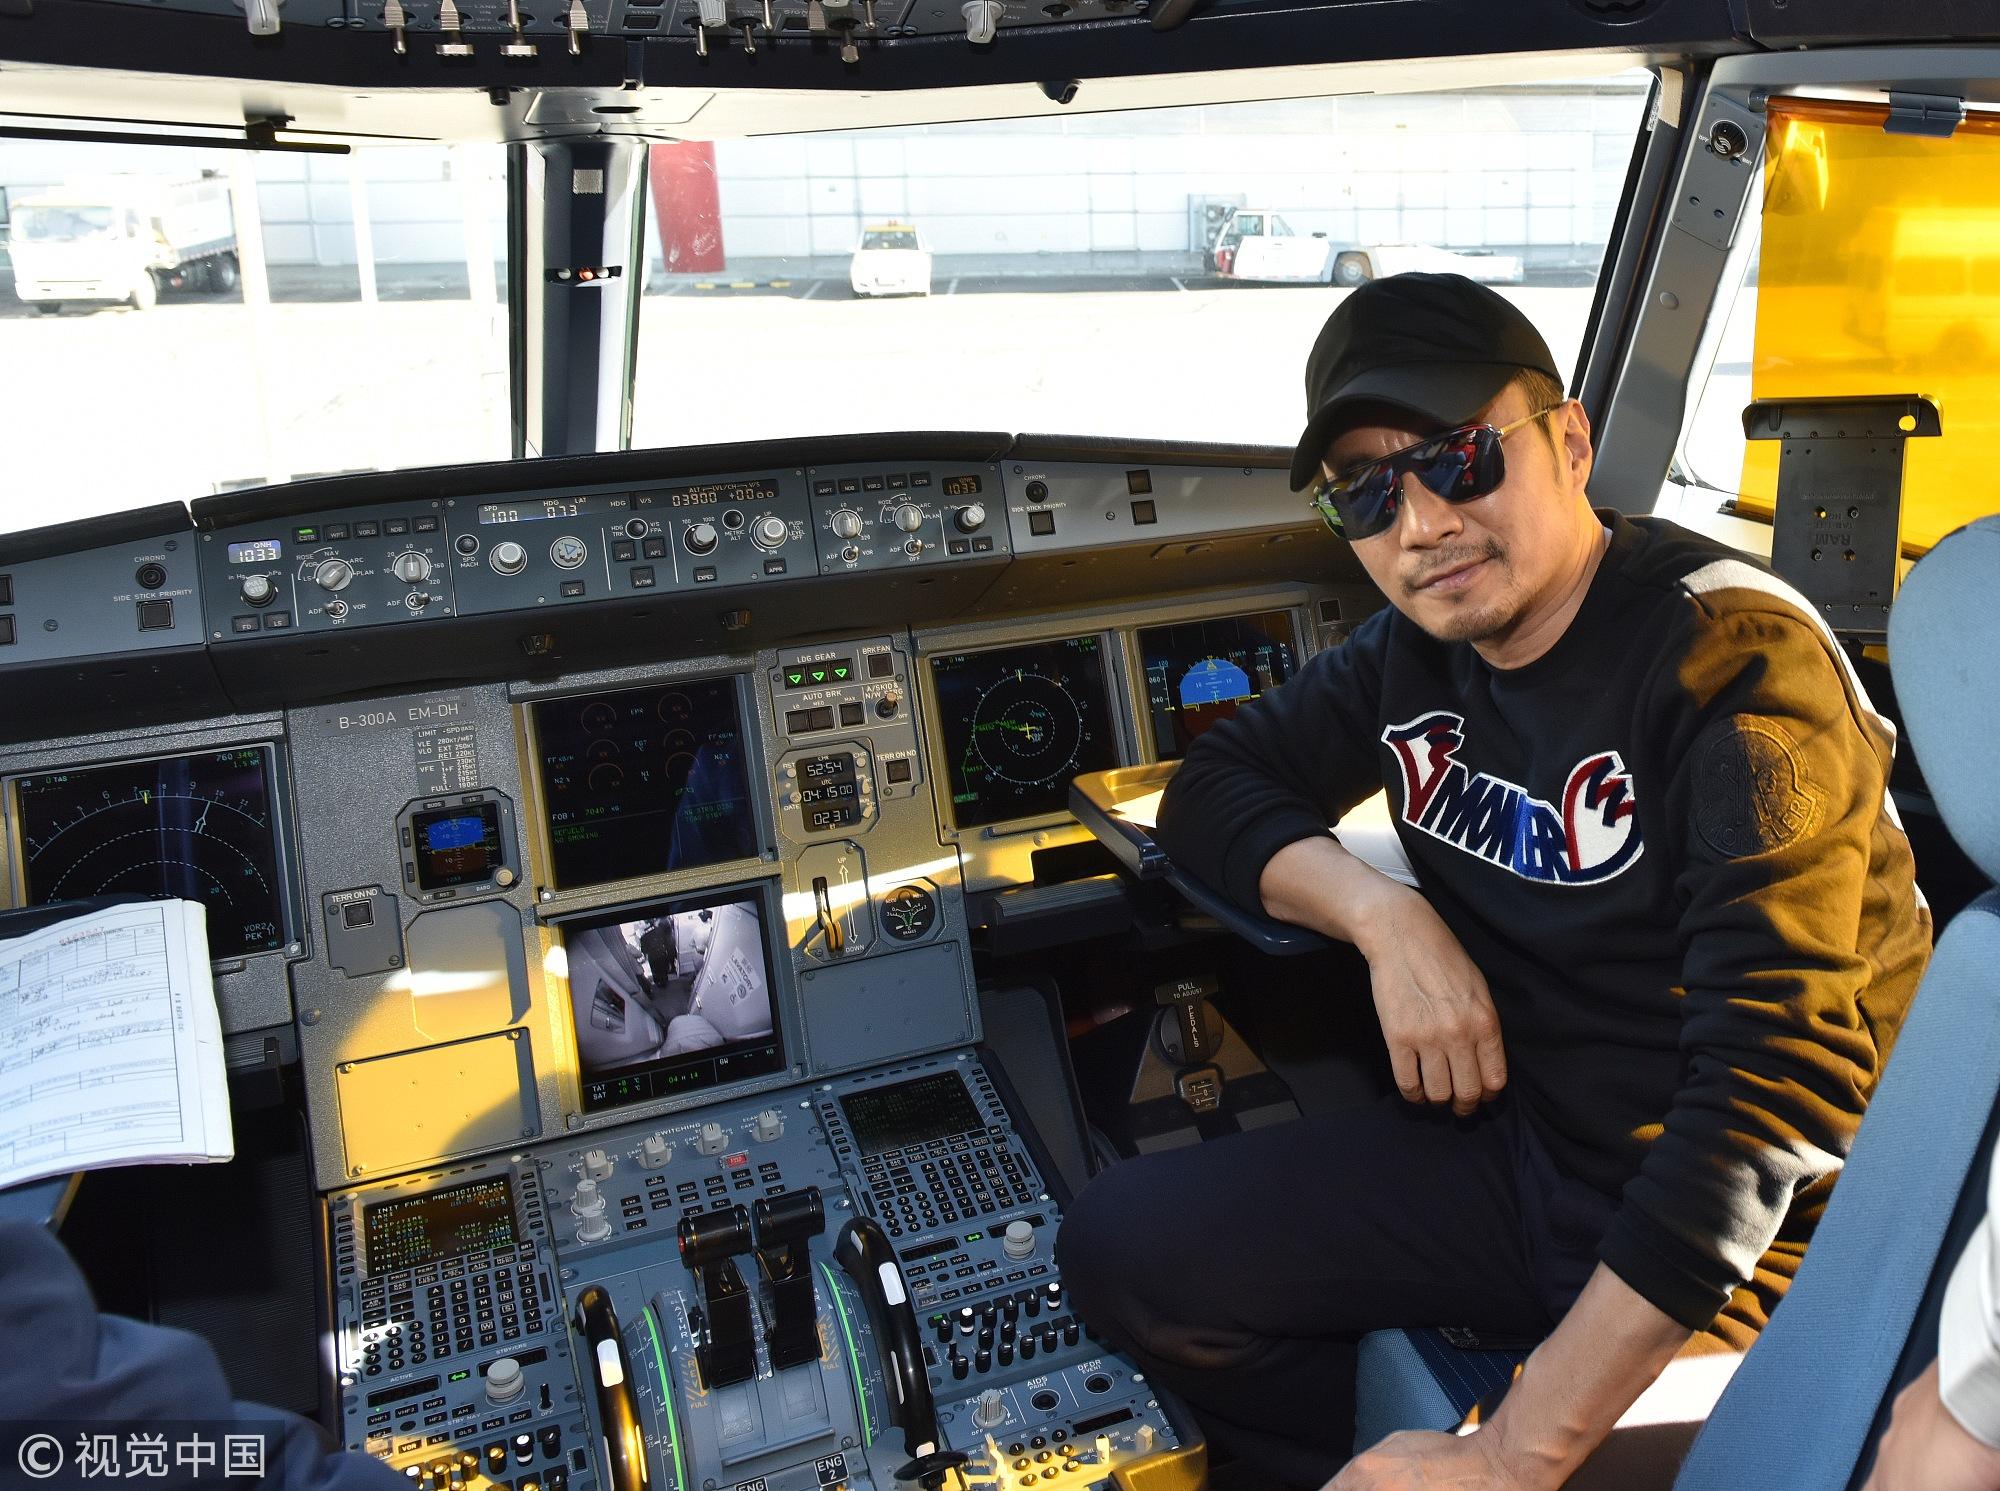 硬汉张涵予出演《中国机长》 变身最帅机长还原川航英雄